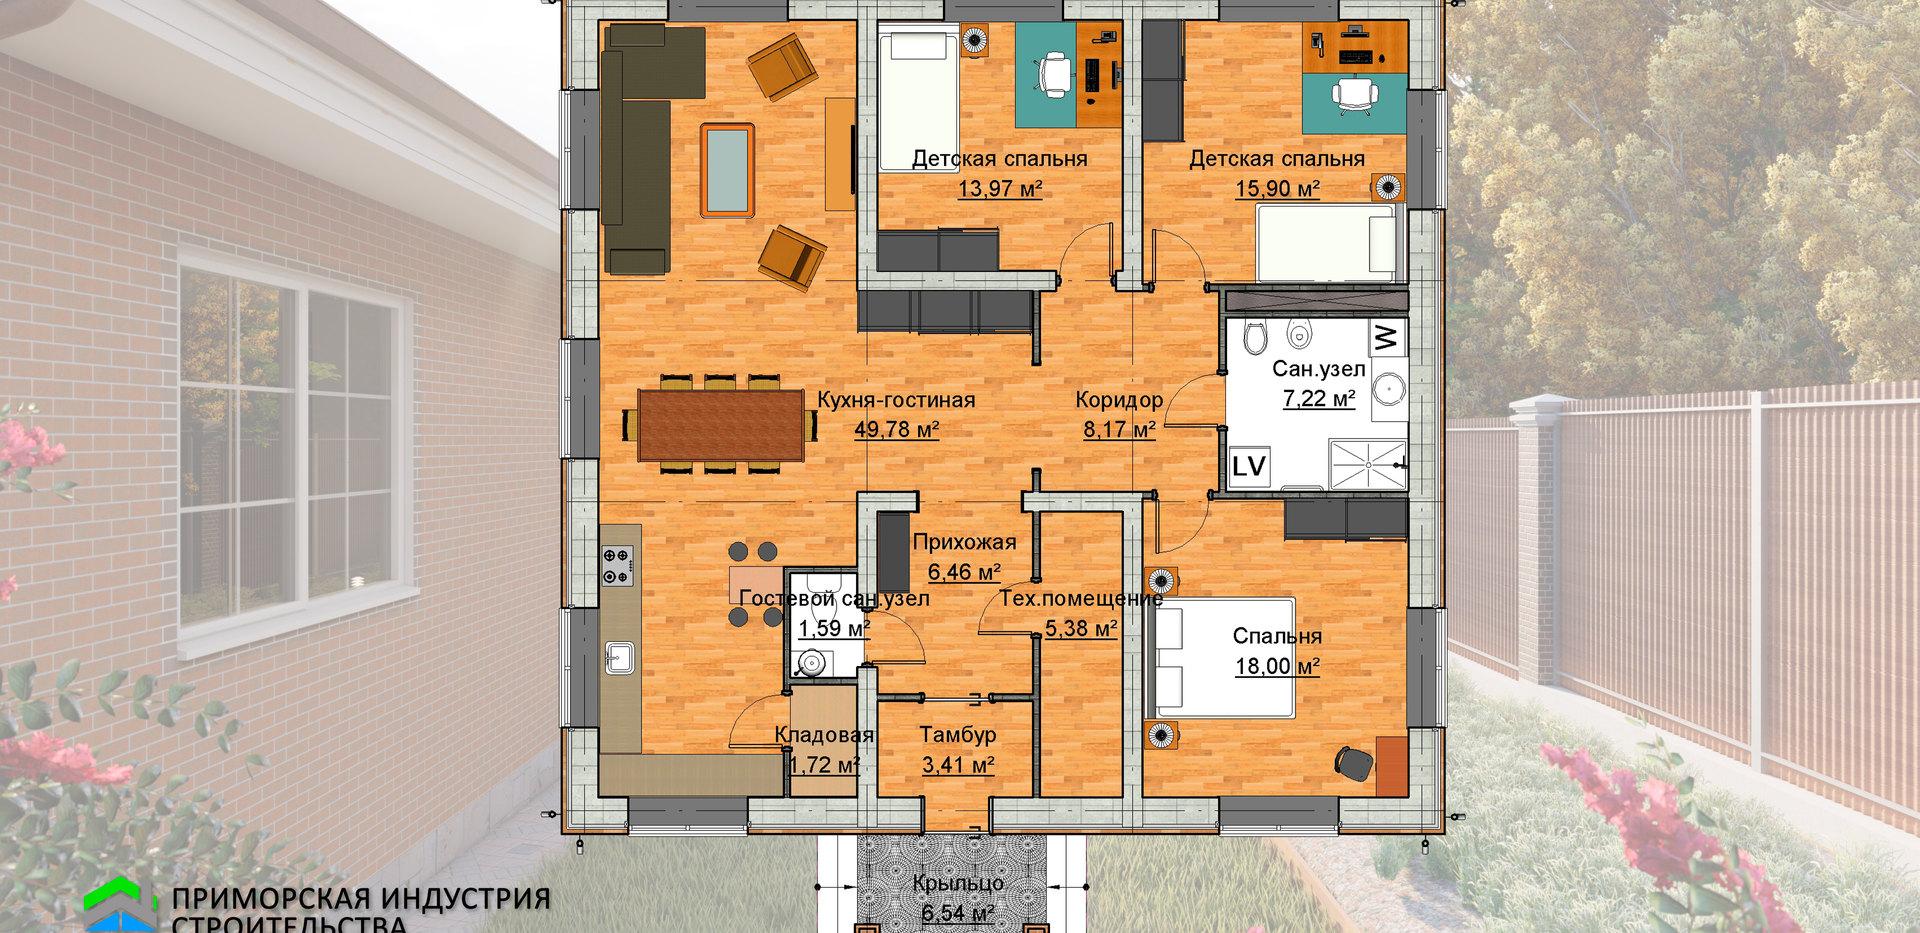 Планировка одноэтажного дома A-007